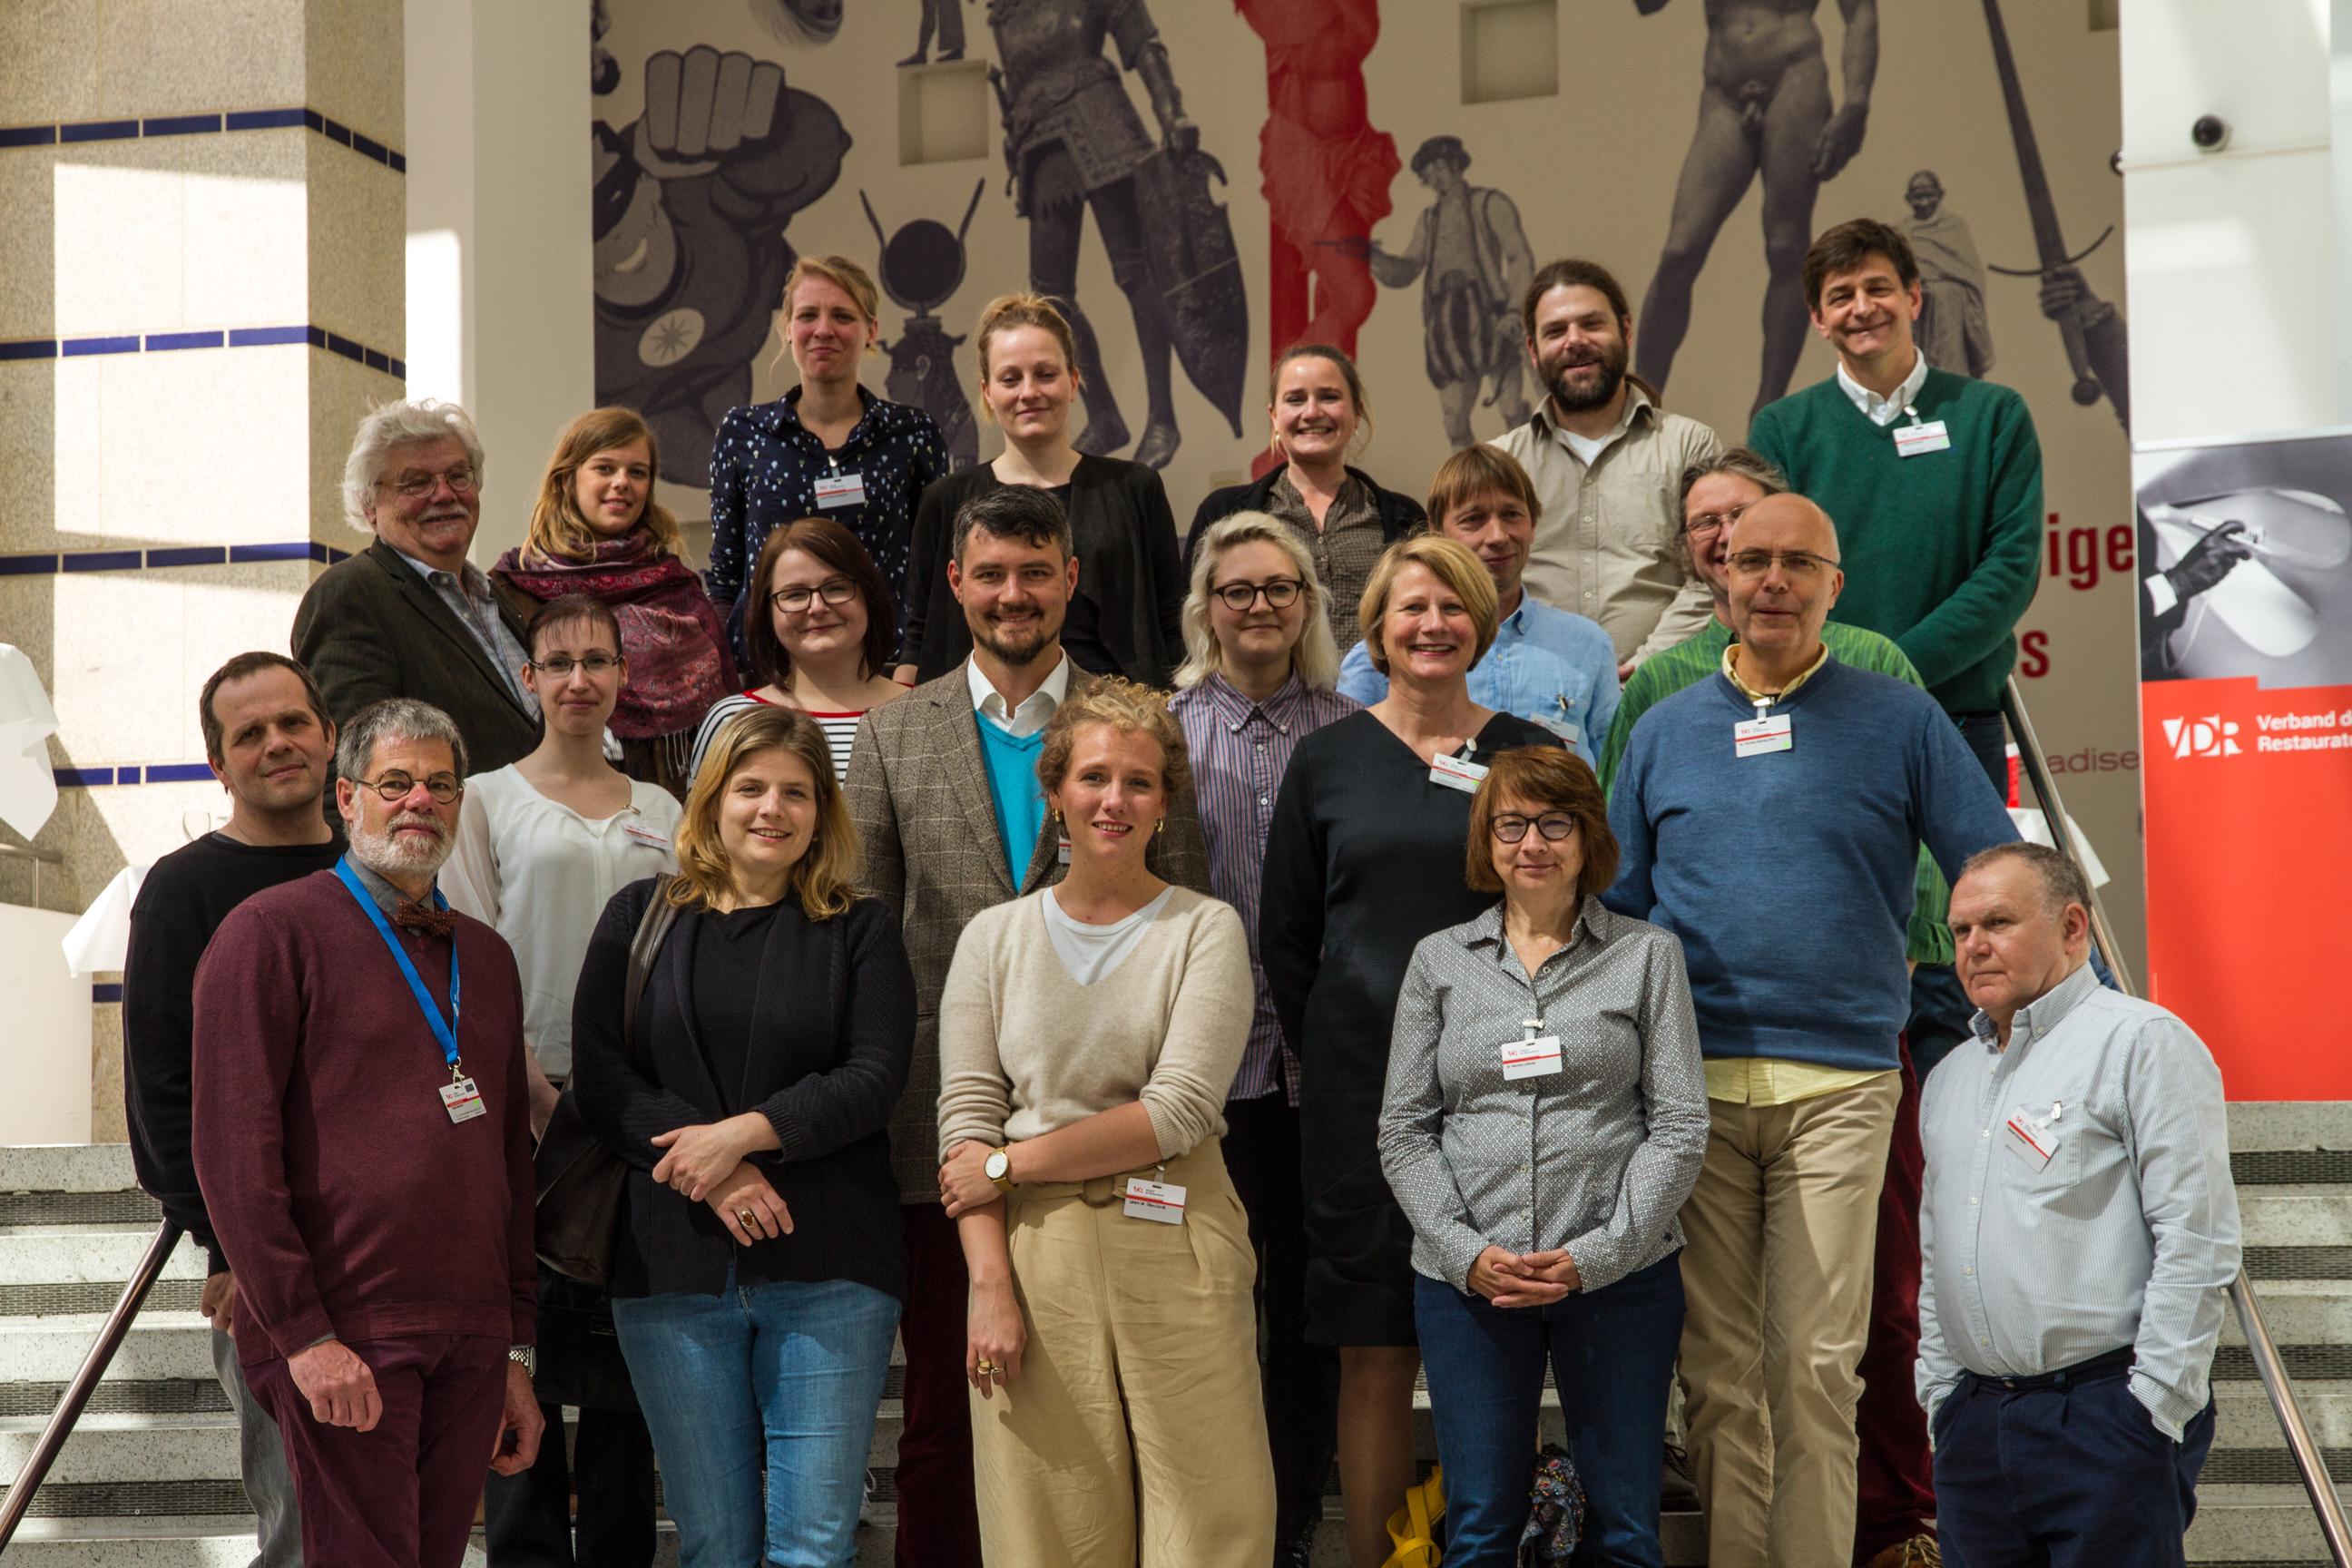 Die Referenten der Möbeltagung 2019. Foto: Anselm Pranz und Henrike Steinweg